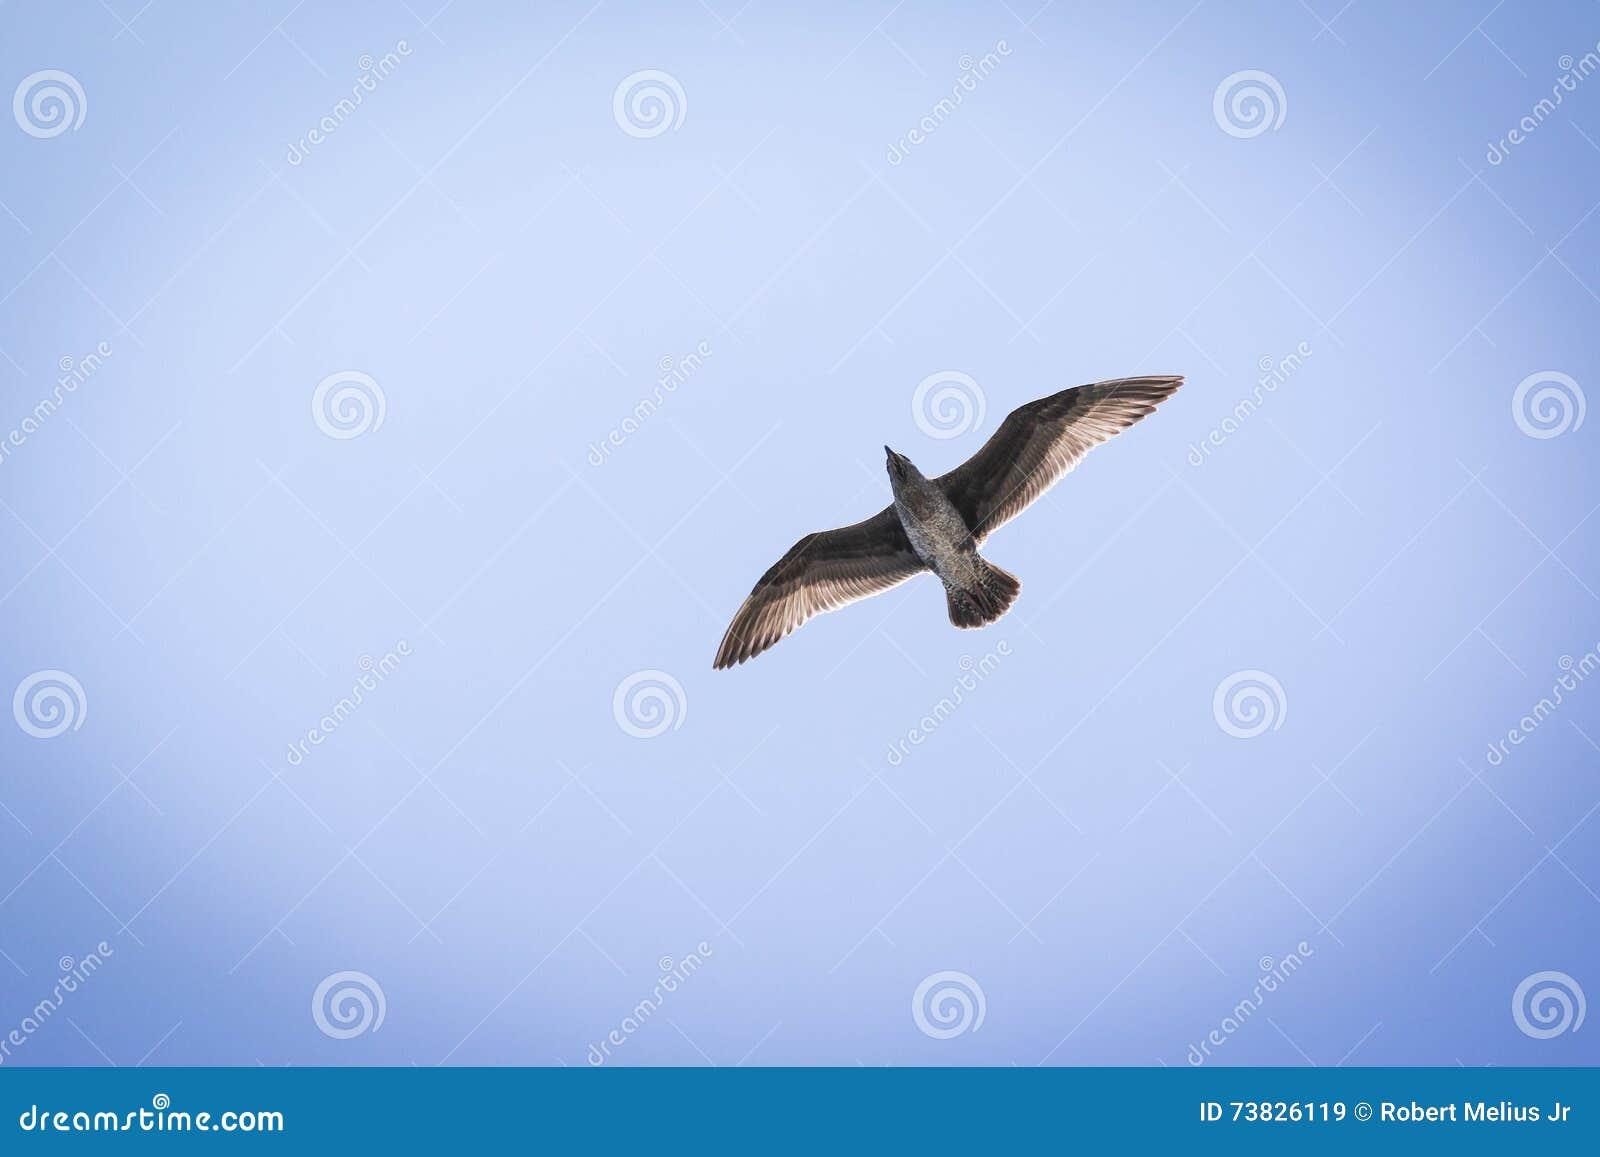 Gabbiano in volo contro un cielo blu con luce solare attraverso le piume